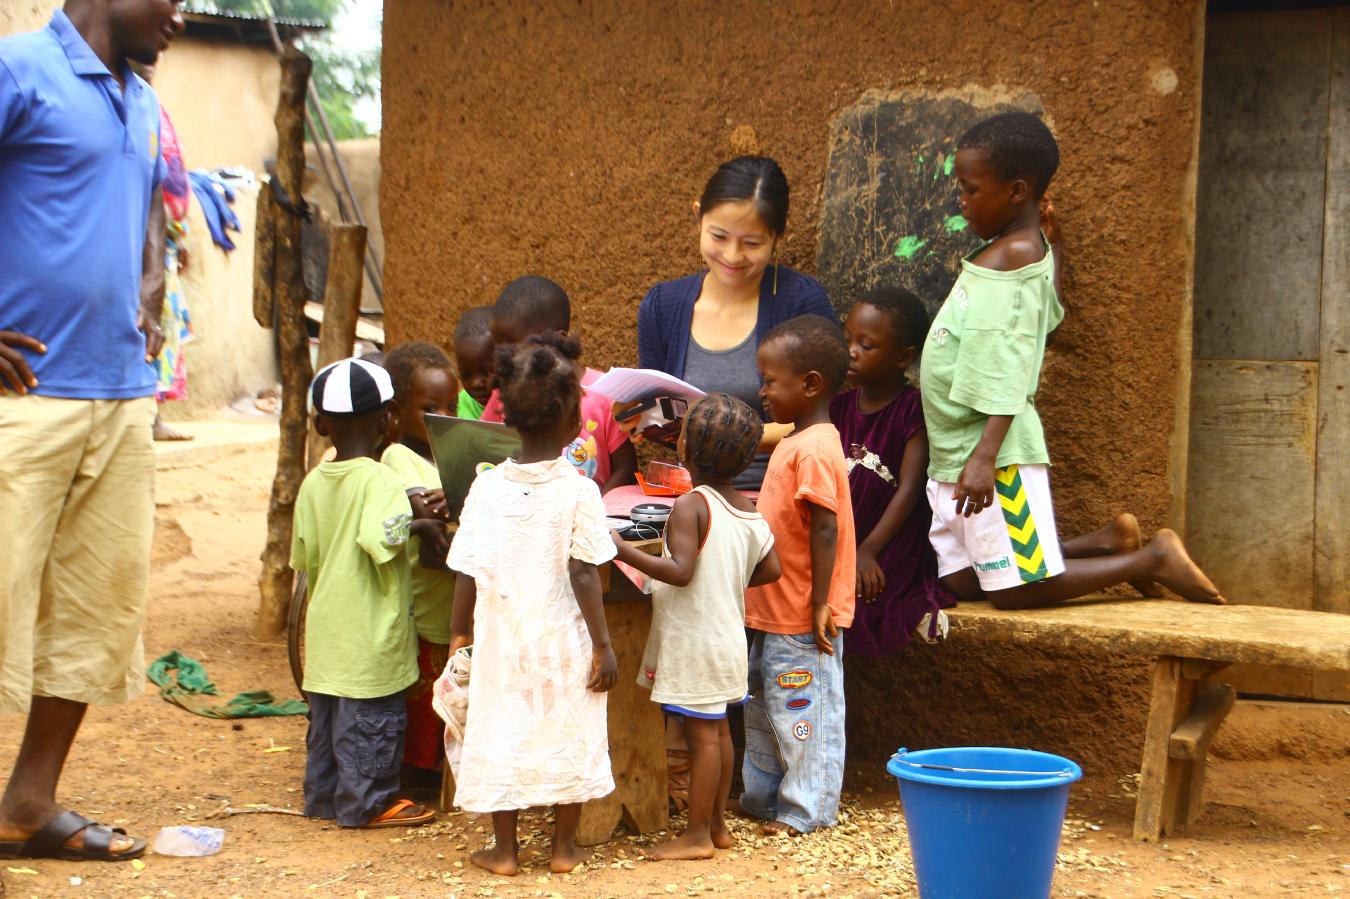 ガーナの村を支援する元外交官。子供達が夢を見つけ、追い続けられる未来をつくりたい